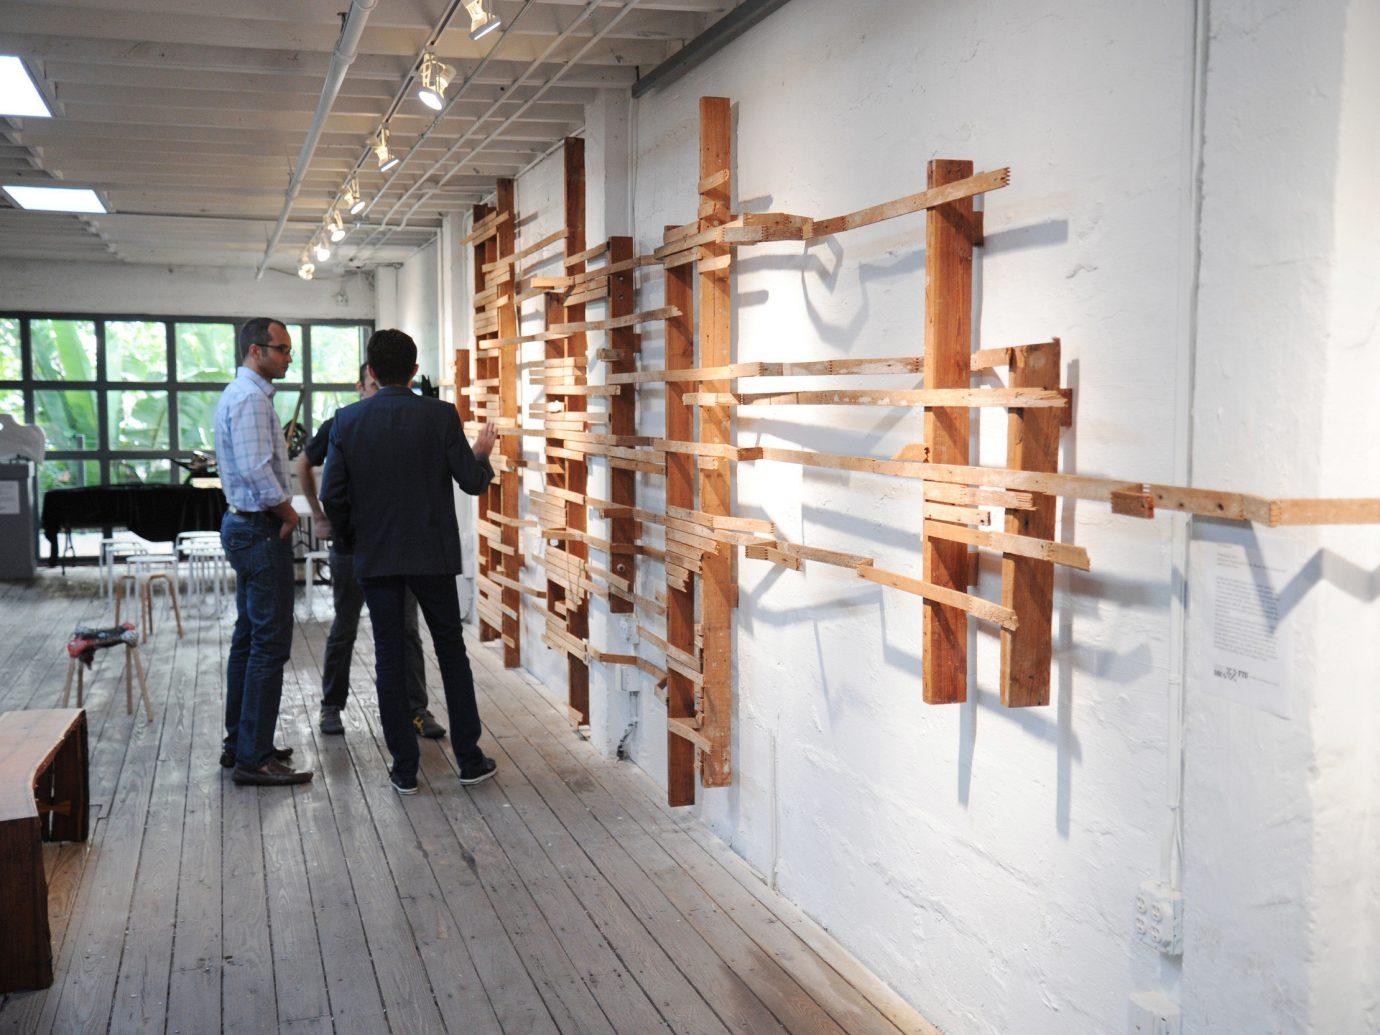 Trip Ideas indoor floor ceiling wood interior design Design stairs